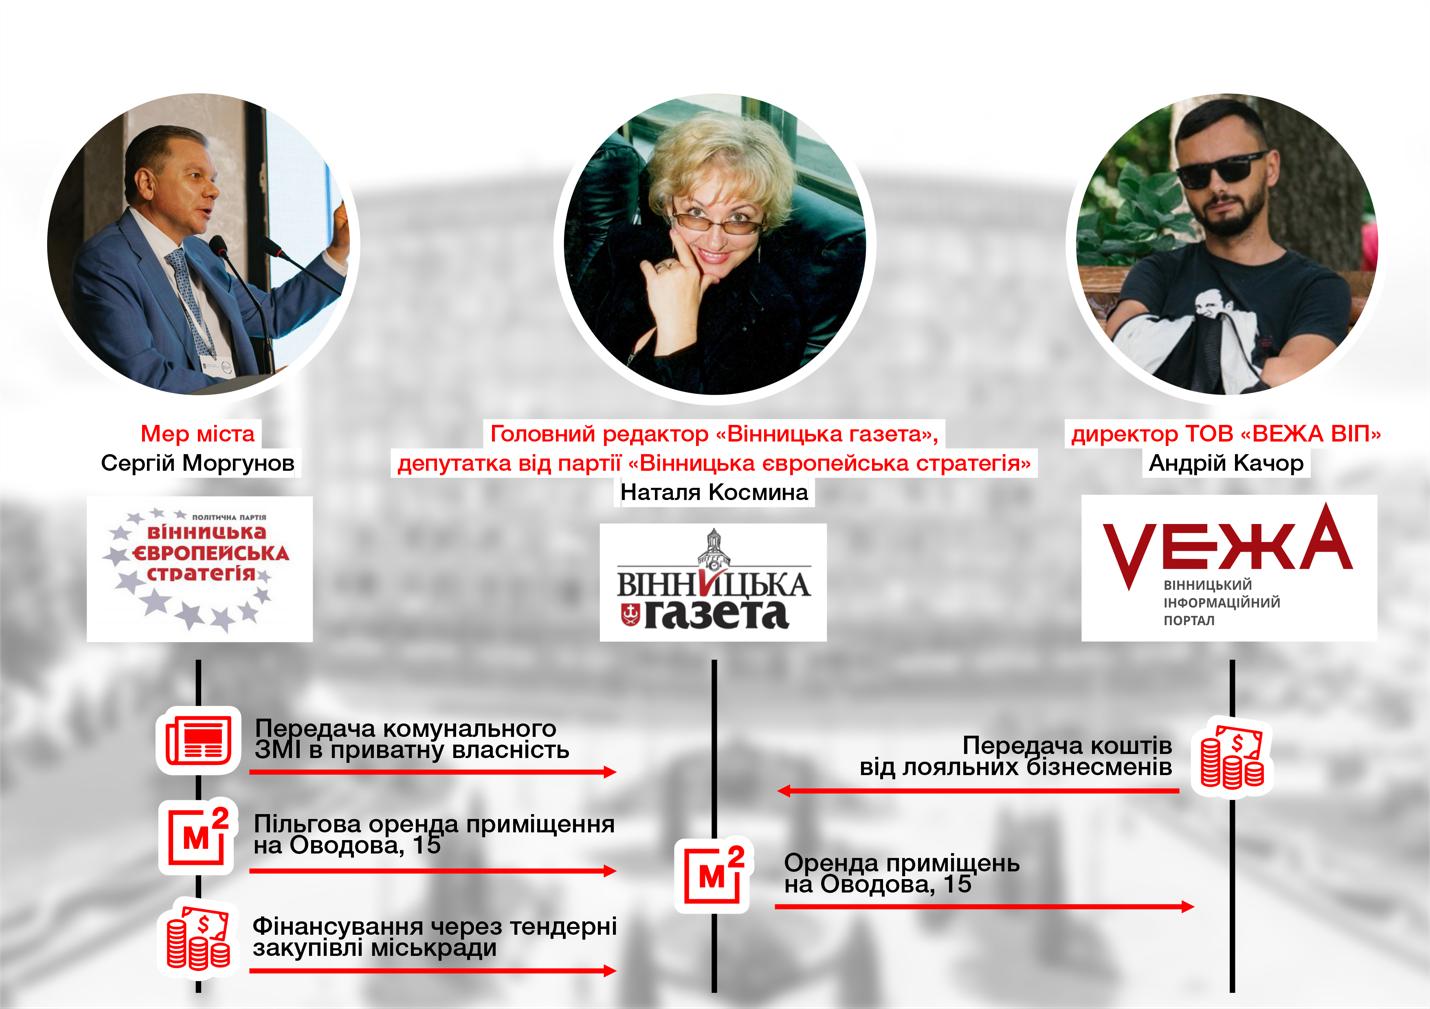 Вінницька міська рада потрапила в черговий корупційний скандал